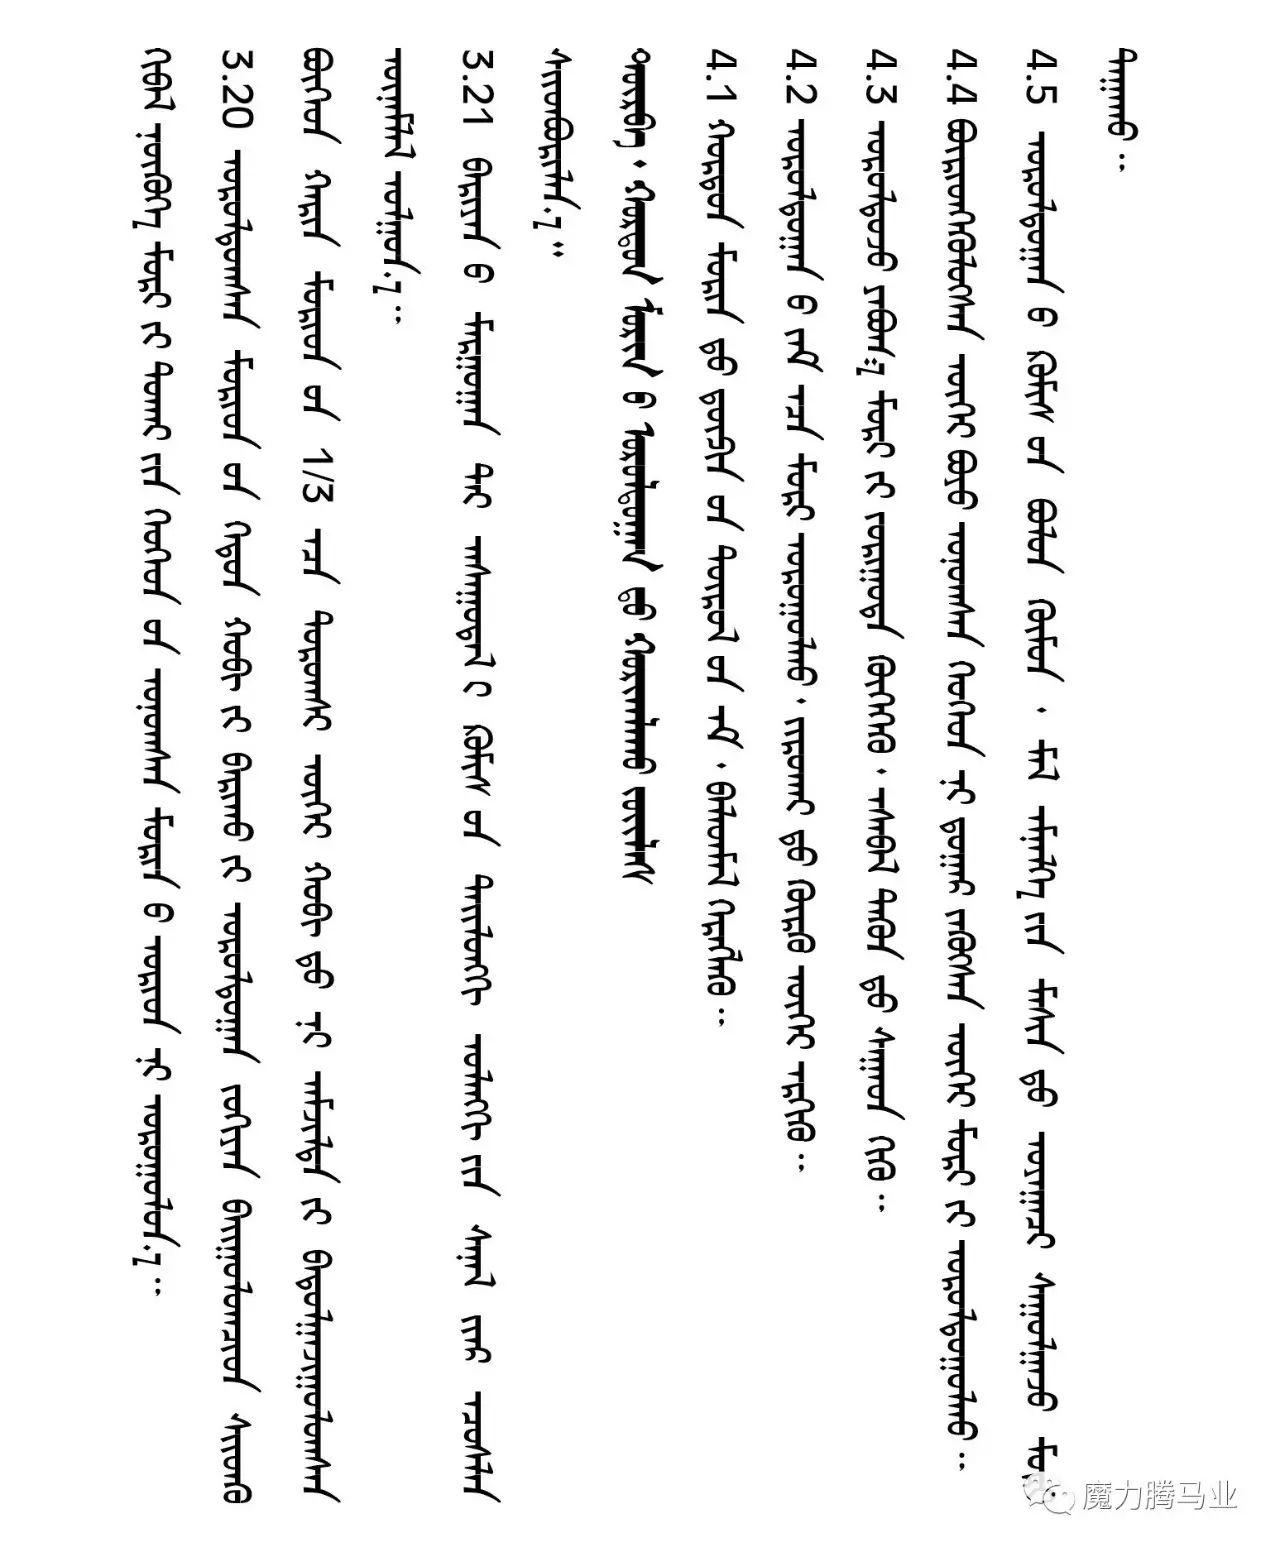 蒙古国赛马章程介绍 第29张